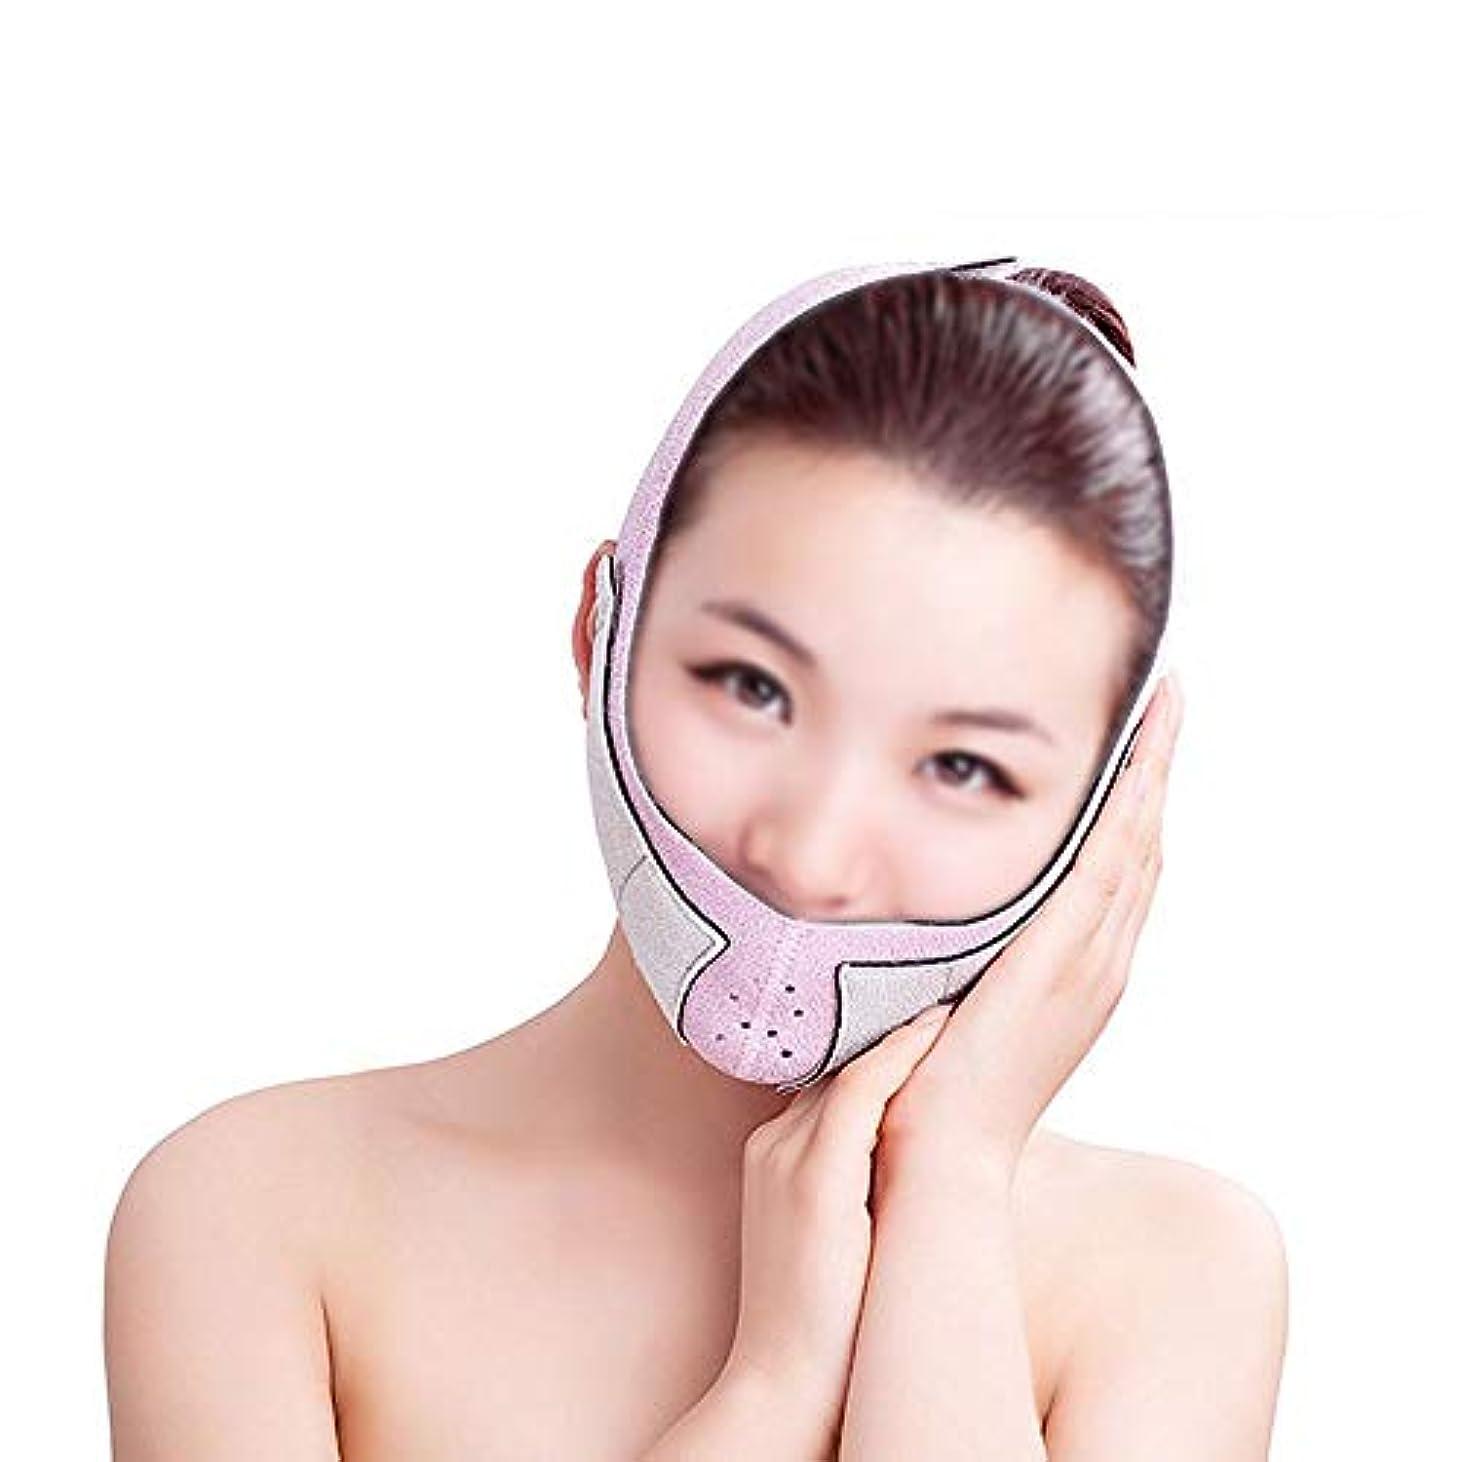 問い合わせるスノーケル暴徒GLJJQMY 薄い顔マスク痩身ベルト薄い顔マスク強力なアップグレード小さいV顔薄い顔包帯美容顔デバイス 顔用整形マスク